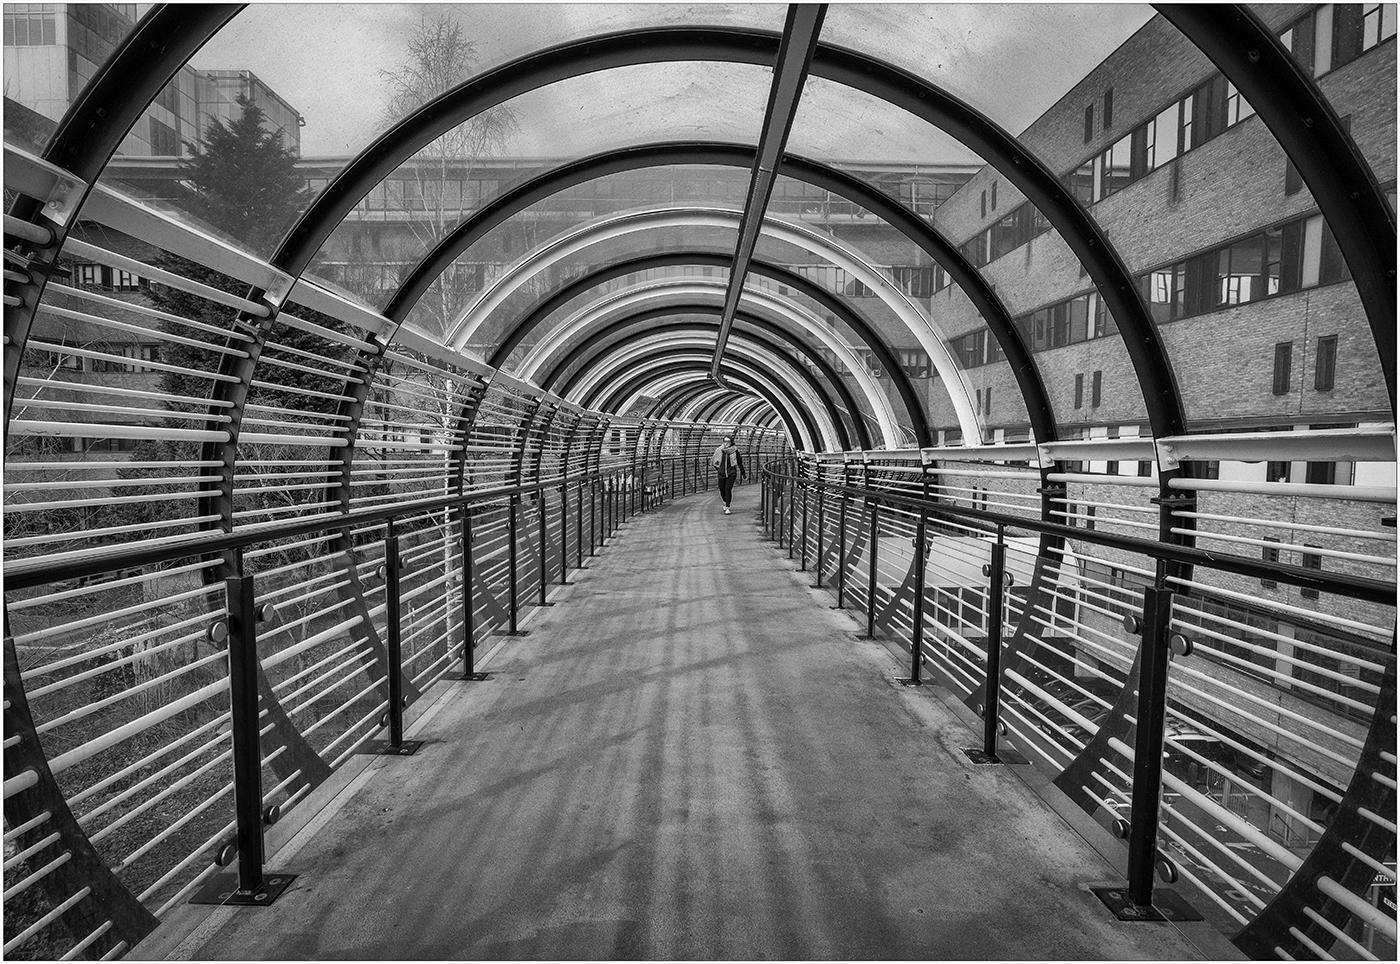 TUNNEL VISSION by Nigel Stewart